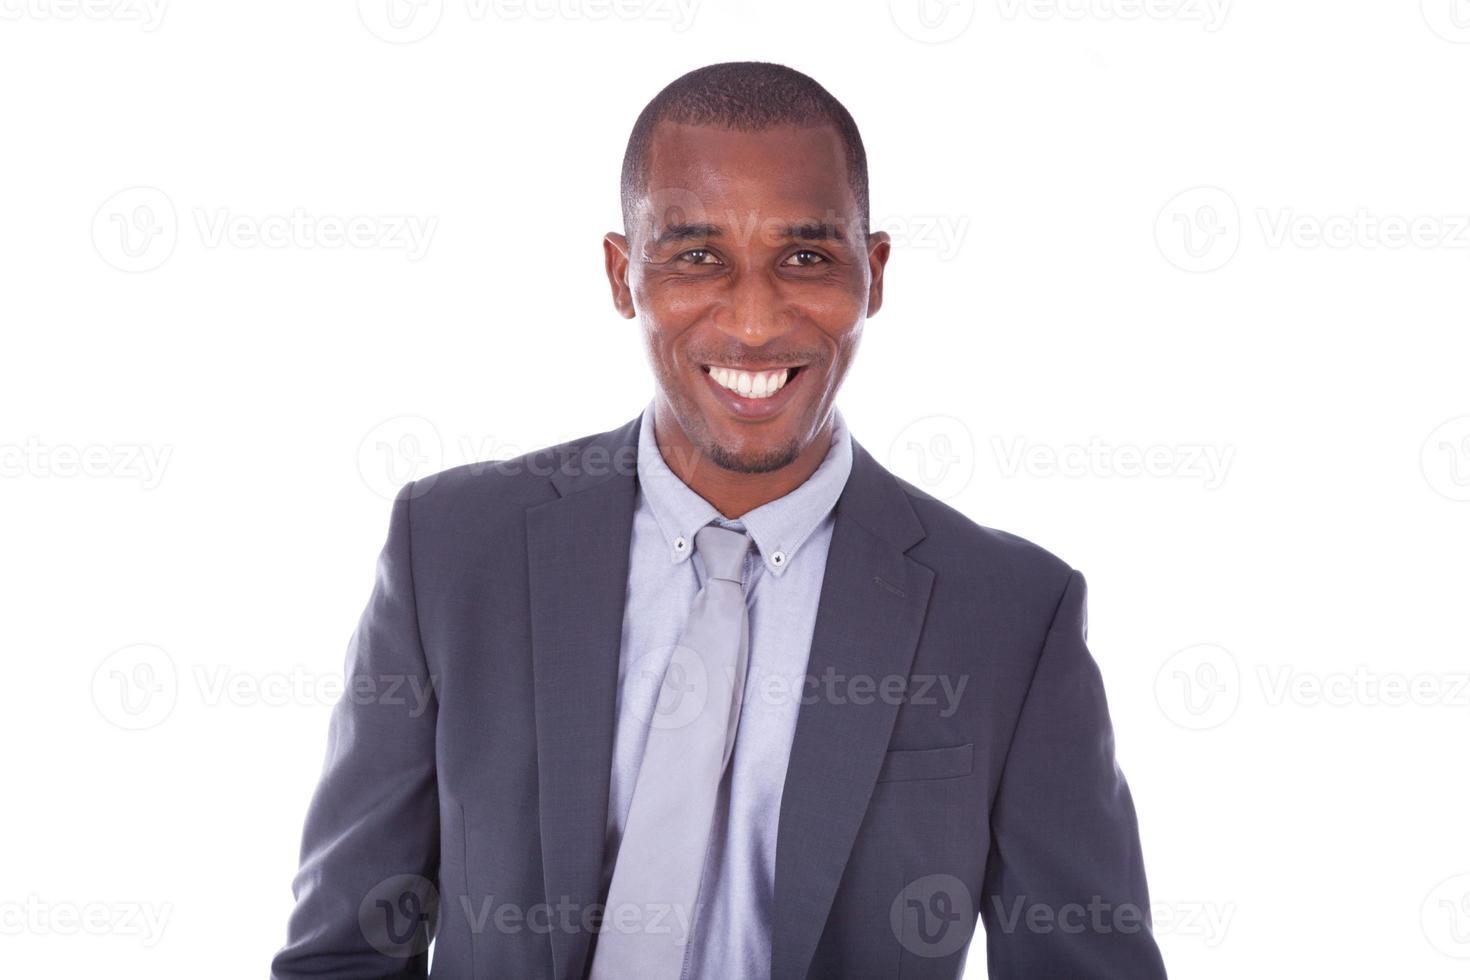 Afroamerikaner-Geschäftsmann über weißem Hintergrund - schwarzer Mensch foto